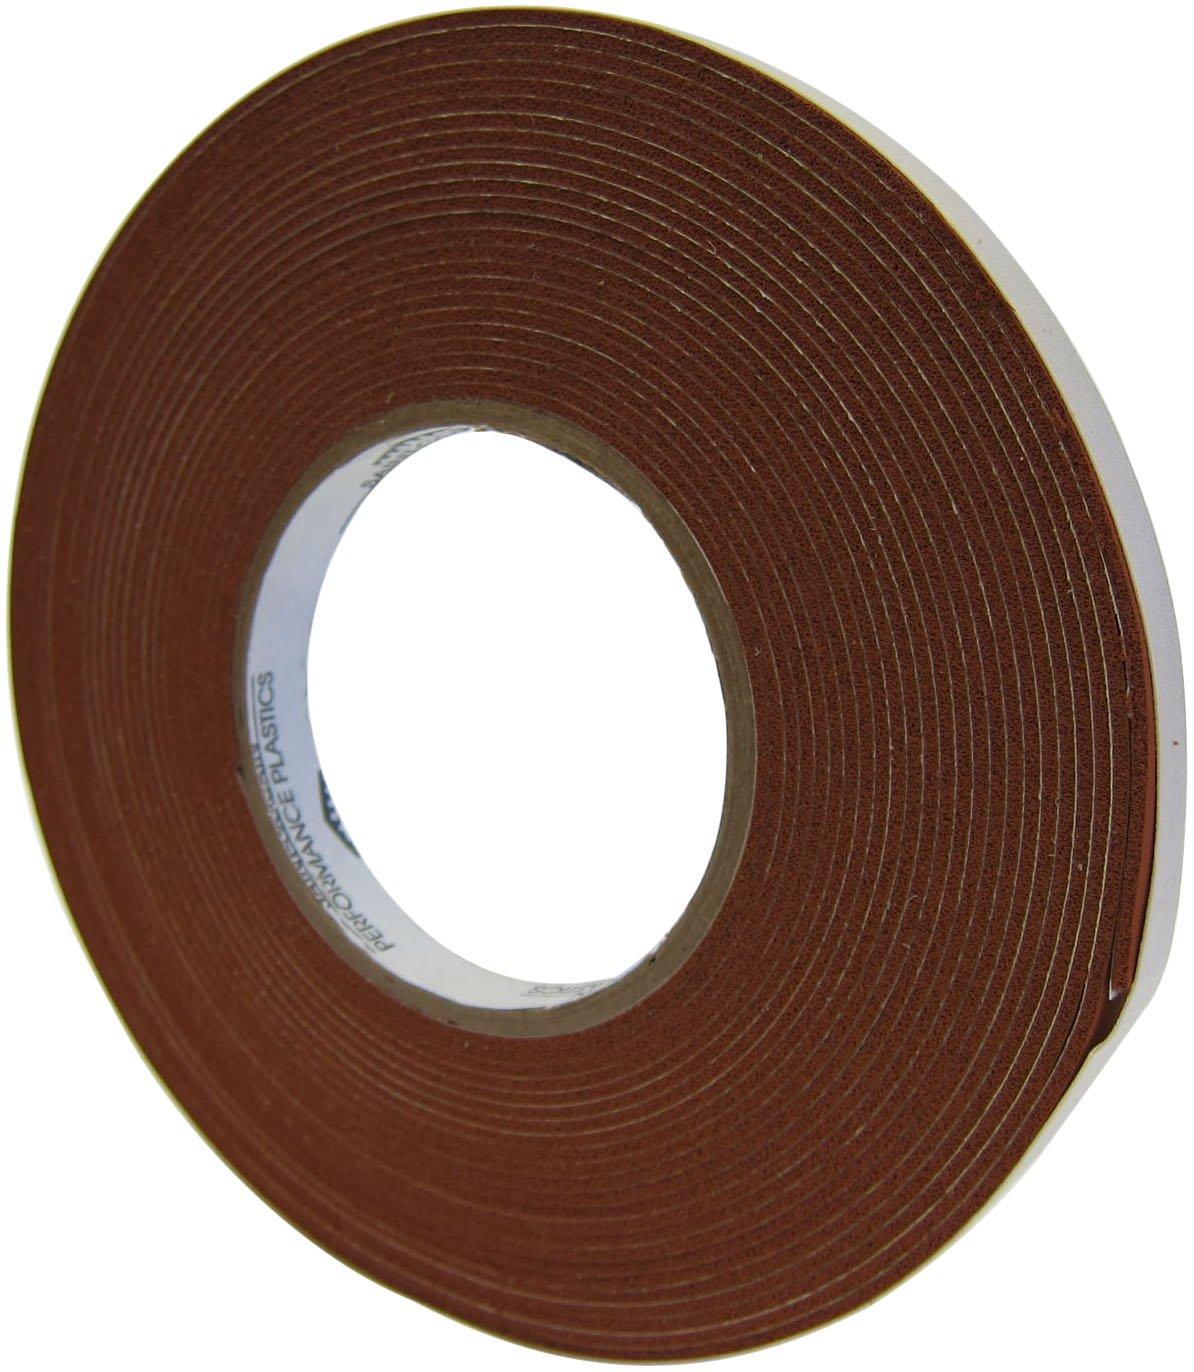 Gasket strip material